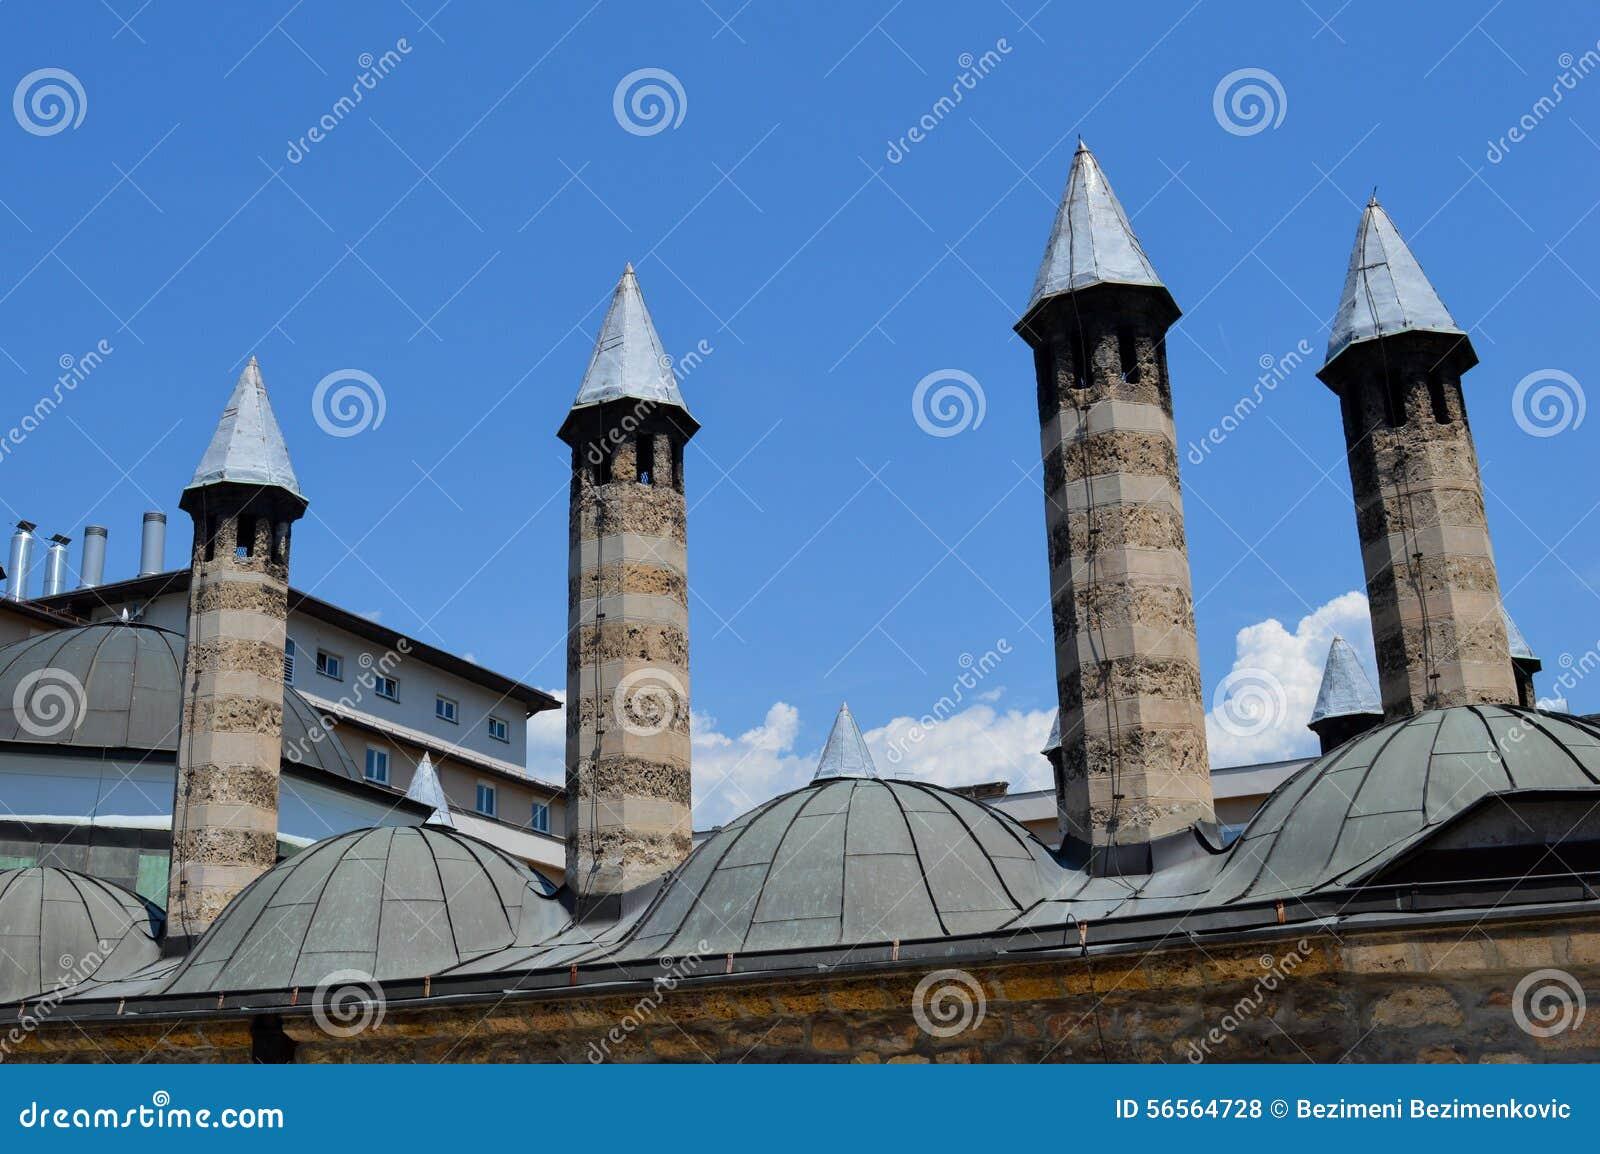 Download μπλε ουρανοξύστης ουρανού λεπτομερειών αρχιτεκτονικής Στοκ Εικόνες - εικόνα από κατασκευή, στοιχείο: 56564728